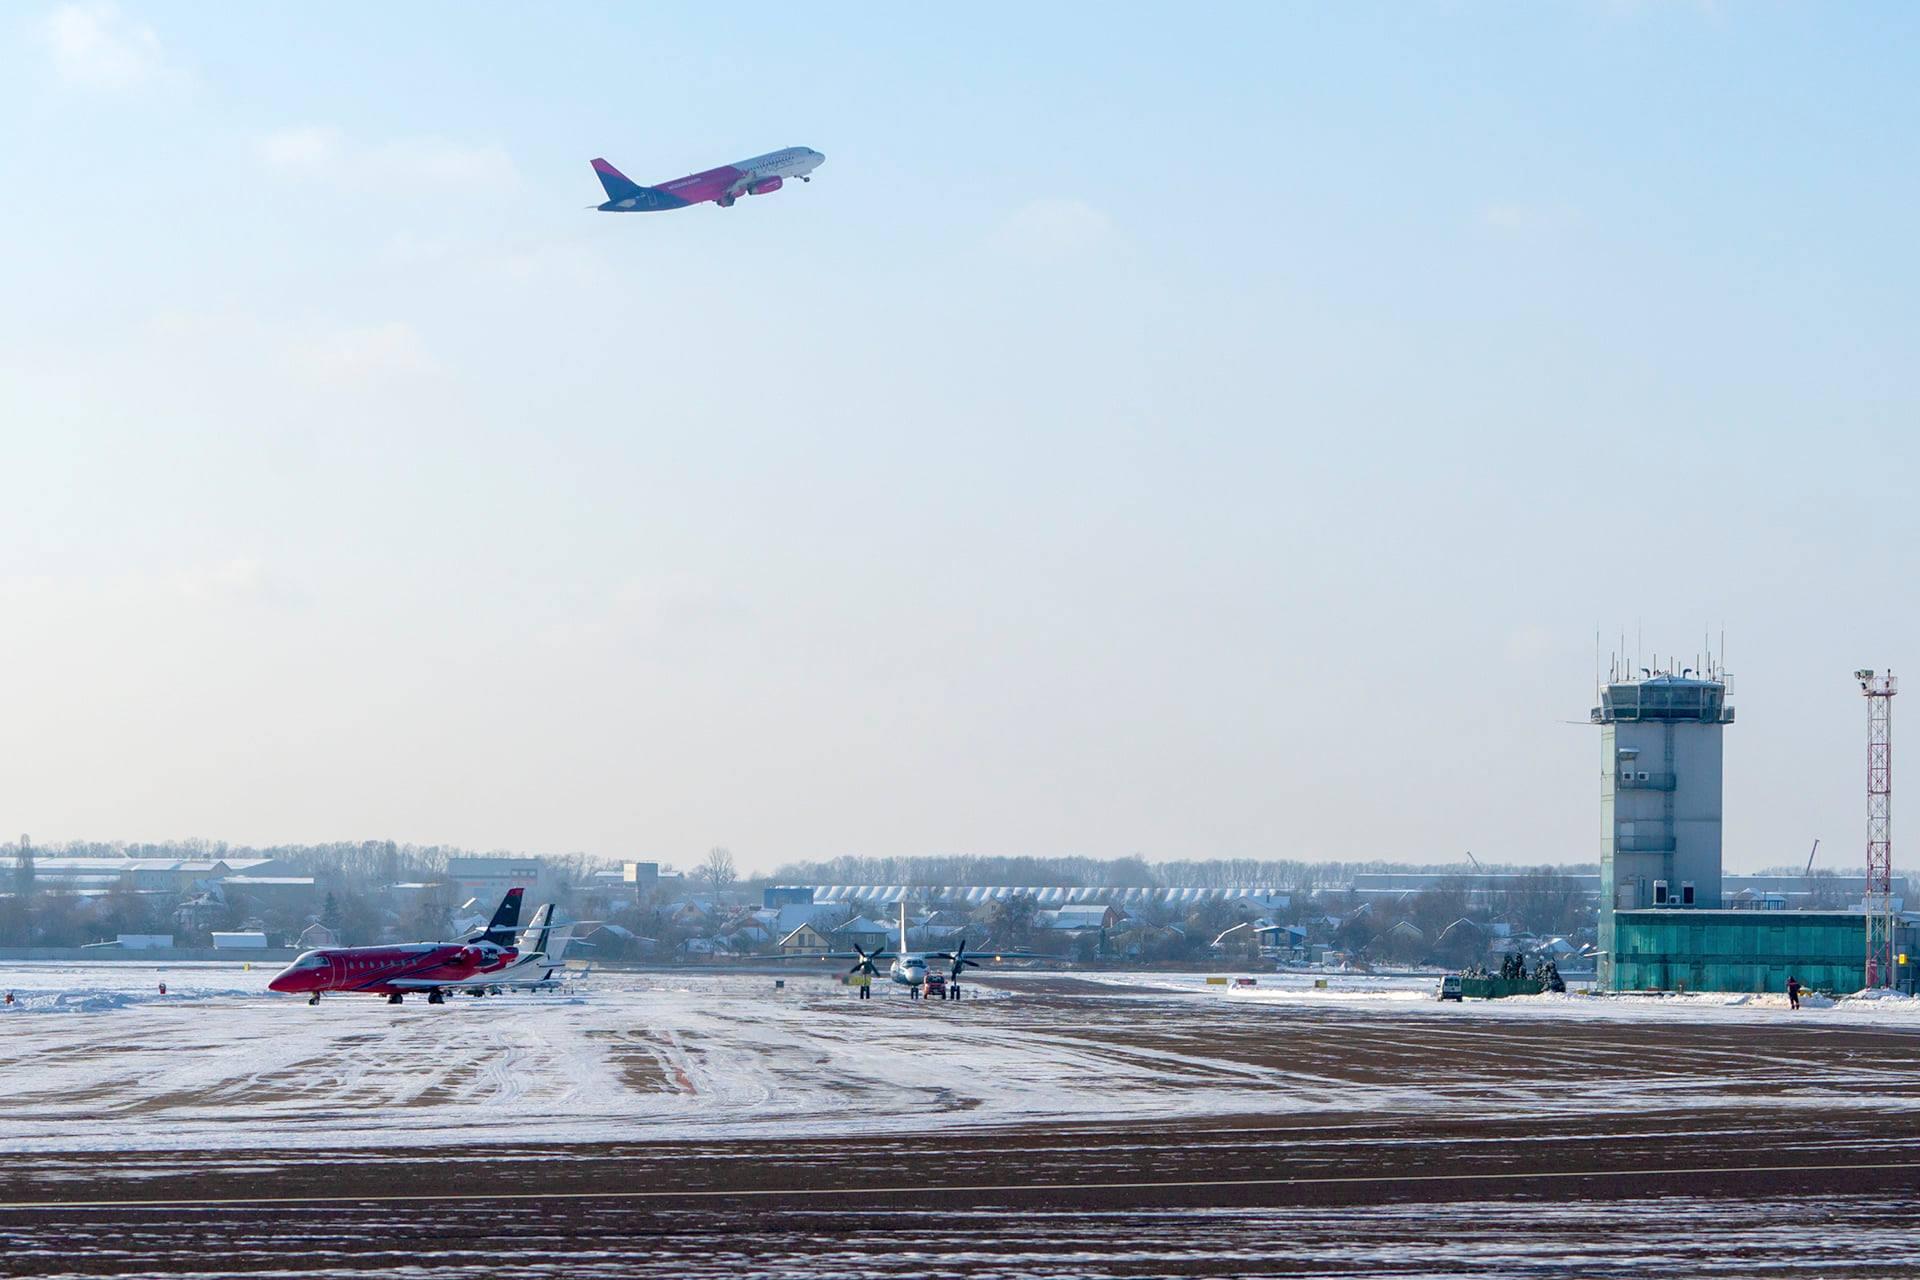 """Більше пасажирів: аеропорт «Київ» зможе приймати великі літаки - столиця, пасажири, літаки, аеропорт """"Київ"""", авіаперевізники - 143946848 1871498029655490 8552202677040674983 o"""